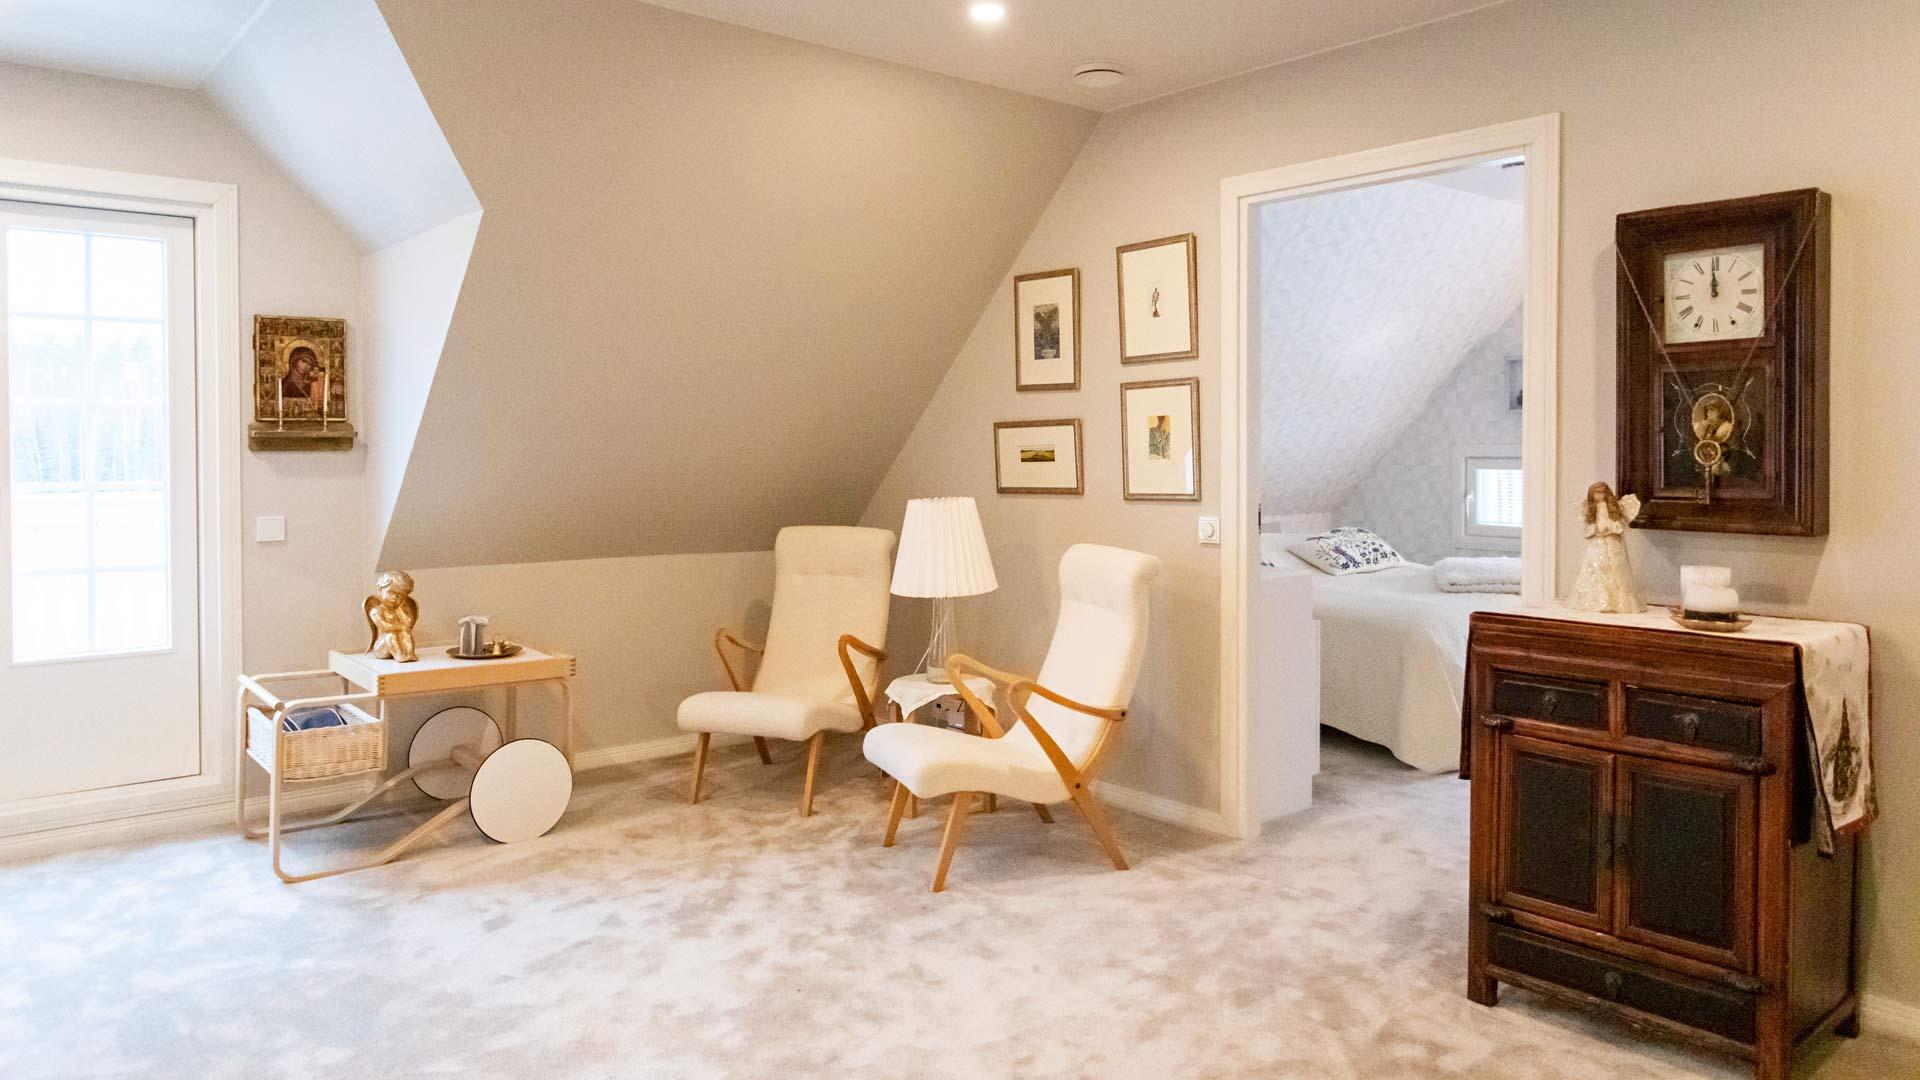 Yläkerran viihtyisästä aulasta kuljetaan makuuhuoneisiin. Taustalla näkyy vierashuone.